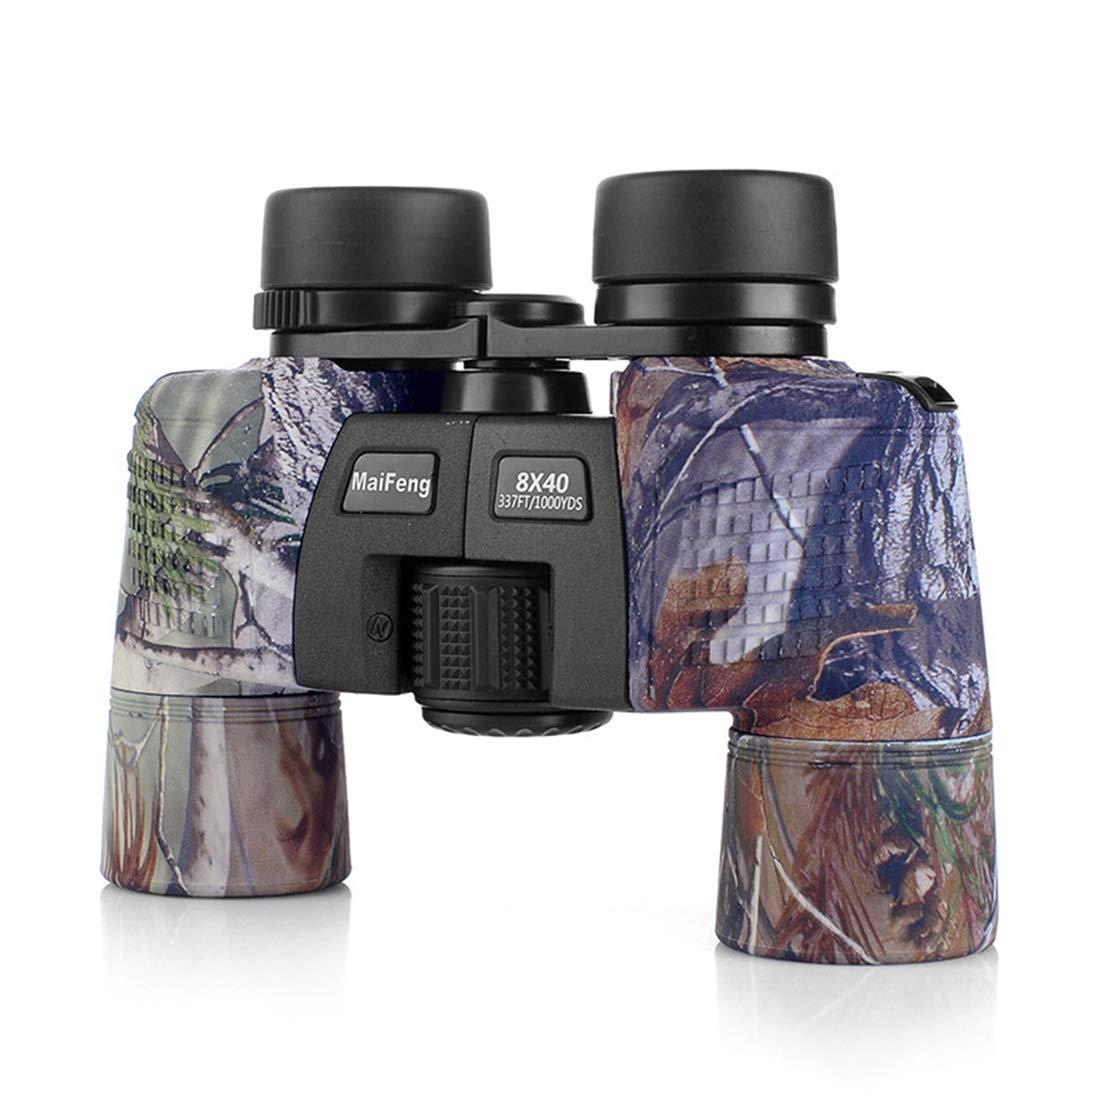 超熱 LINAN 双眼鏡 B07JZ8RBZW HD 8×40インチ 10x50双眼鏡 大人用 コンパクト HD レンズ プロフェッショナル バードウォッチング 旅行 スターゲイジング コンサート スポーツ-BAK4 プリズム FMC レンズ (エディション:10×50) B07JZ8RBZW, リョウゼンマチ:2590985c --- a0267596.xsph.ru